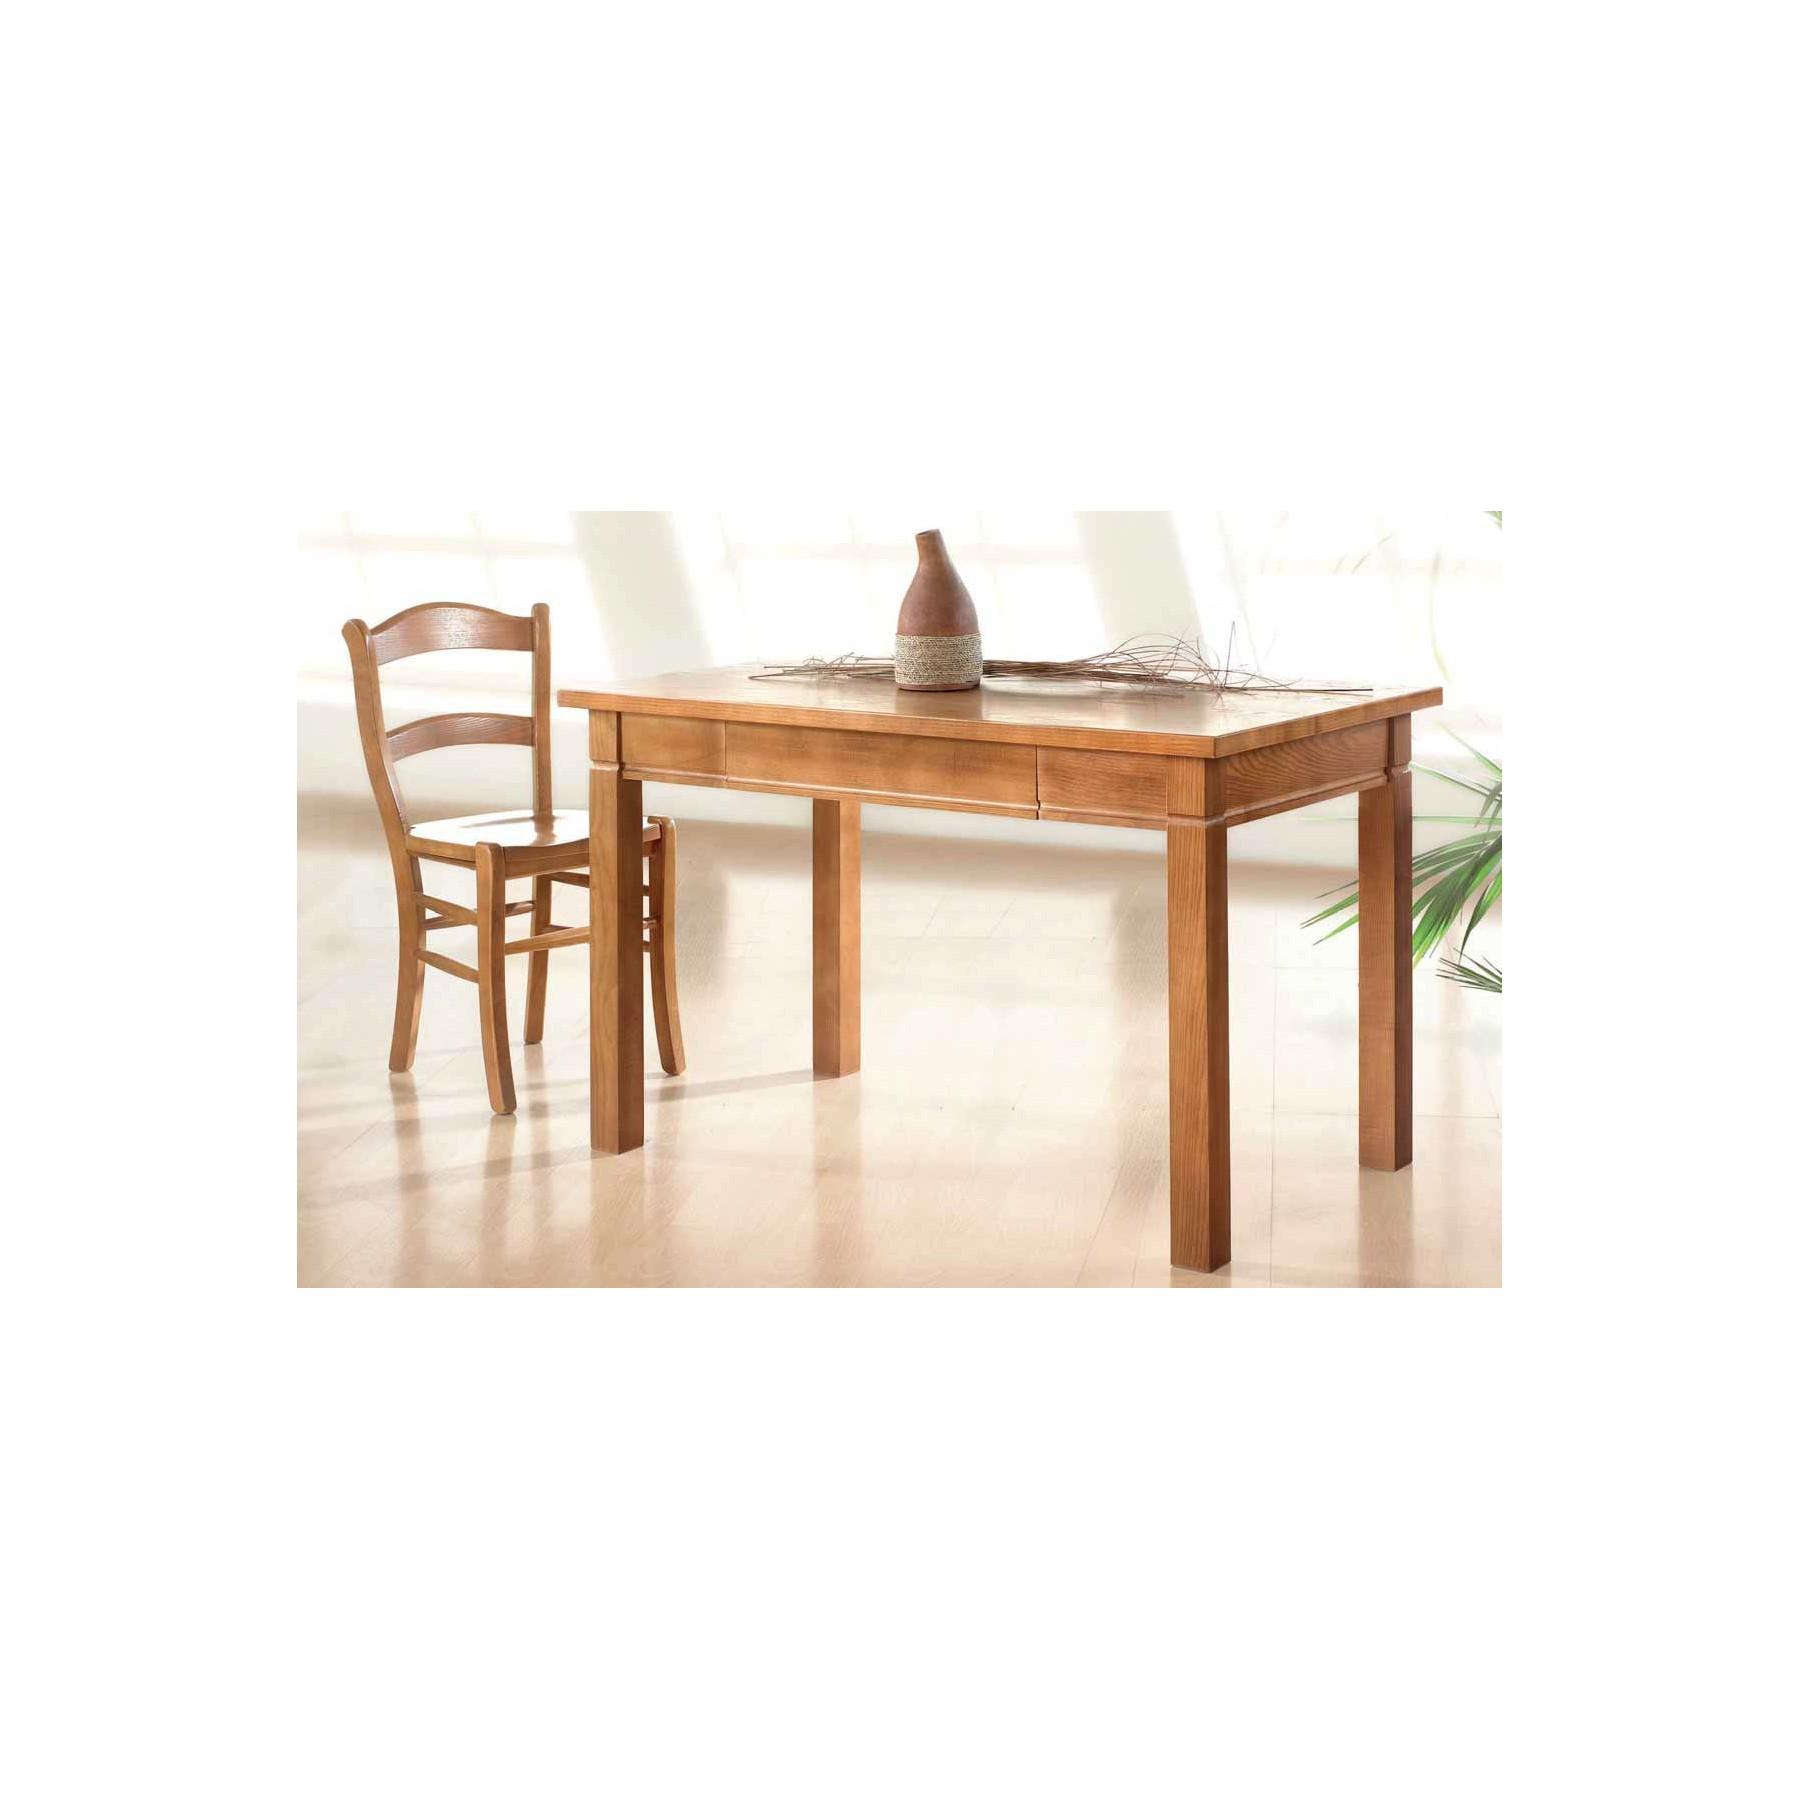 Genial mesas de cocina madera galer a de im genes una - Mesas para cocina ...